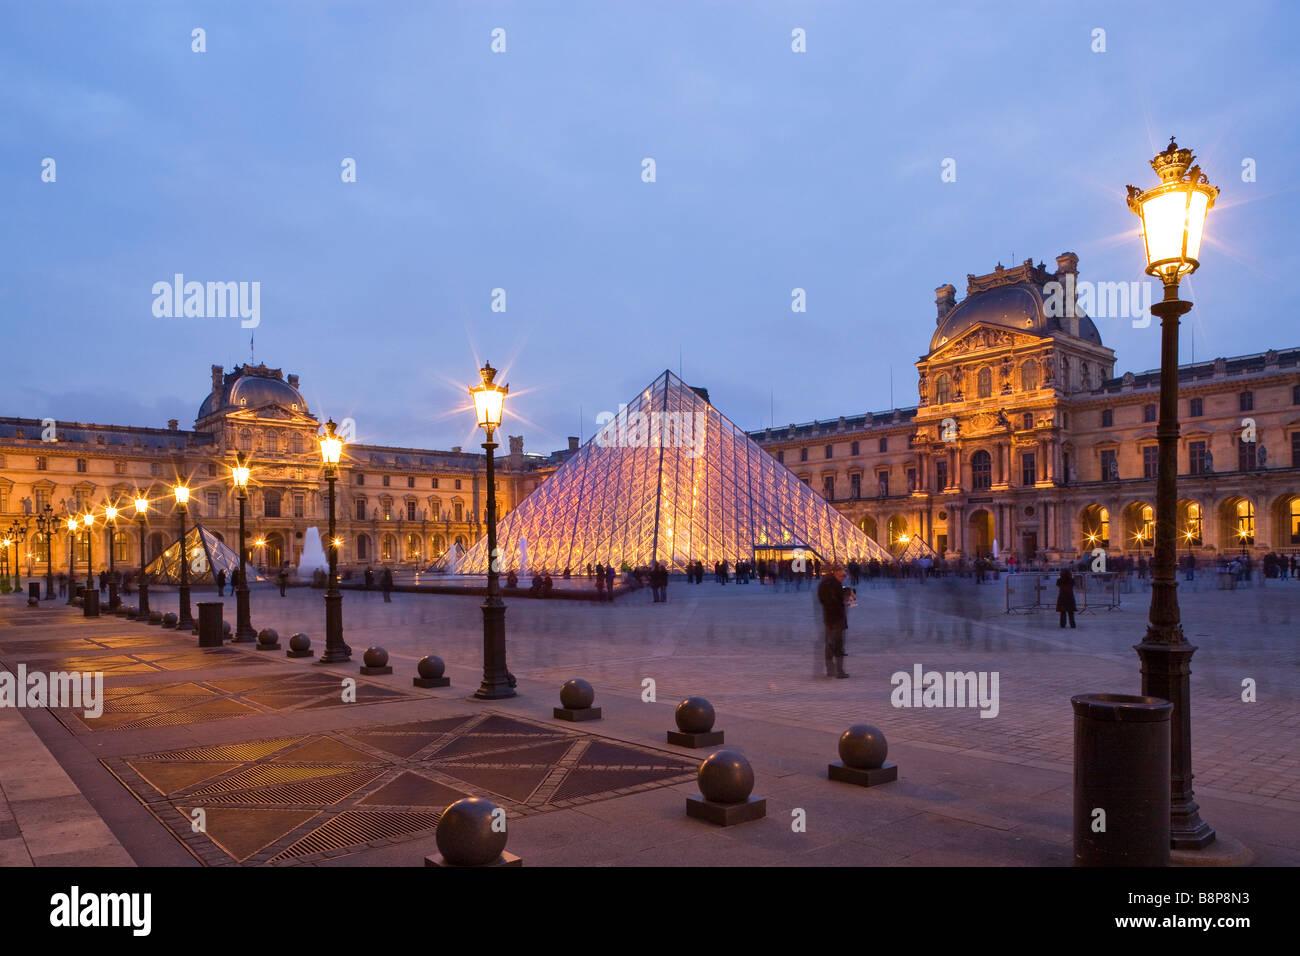 Museo del Louvre pirámide de cristal iluminado entrada París Francia Foto de stock